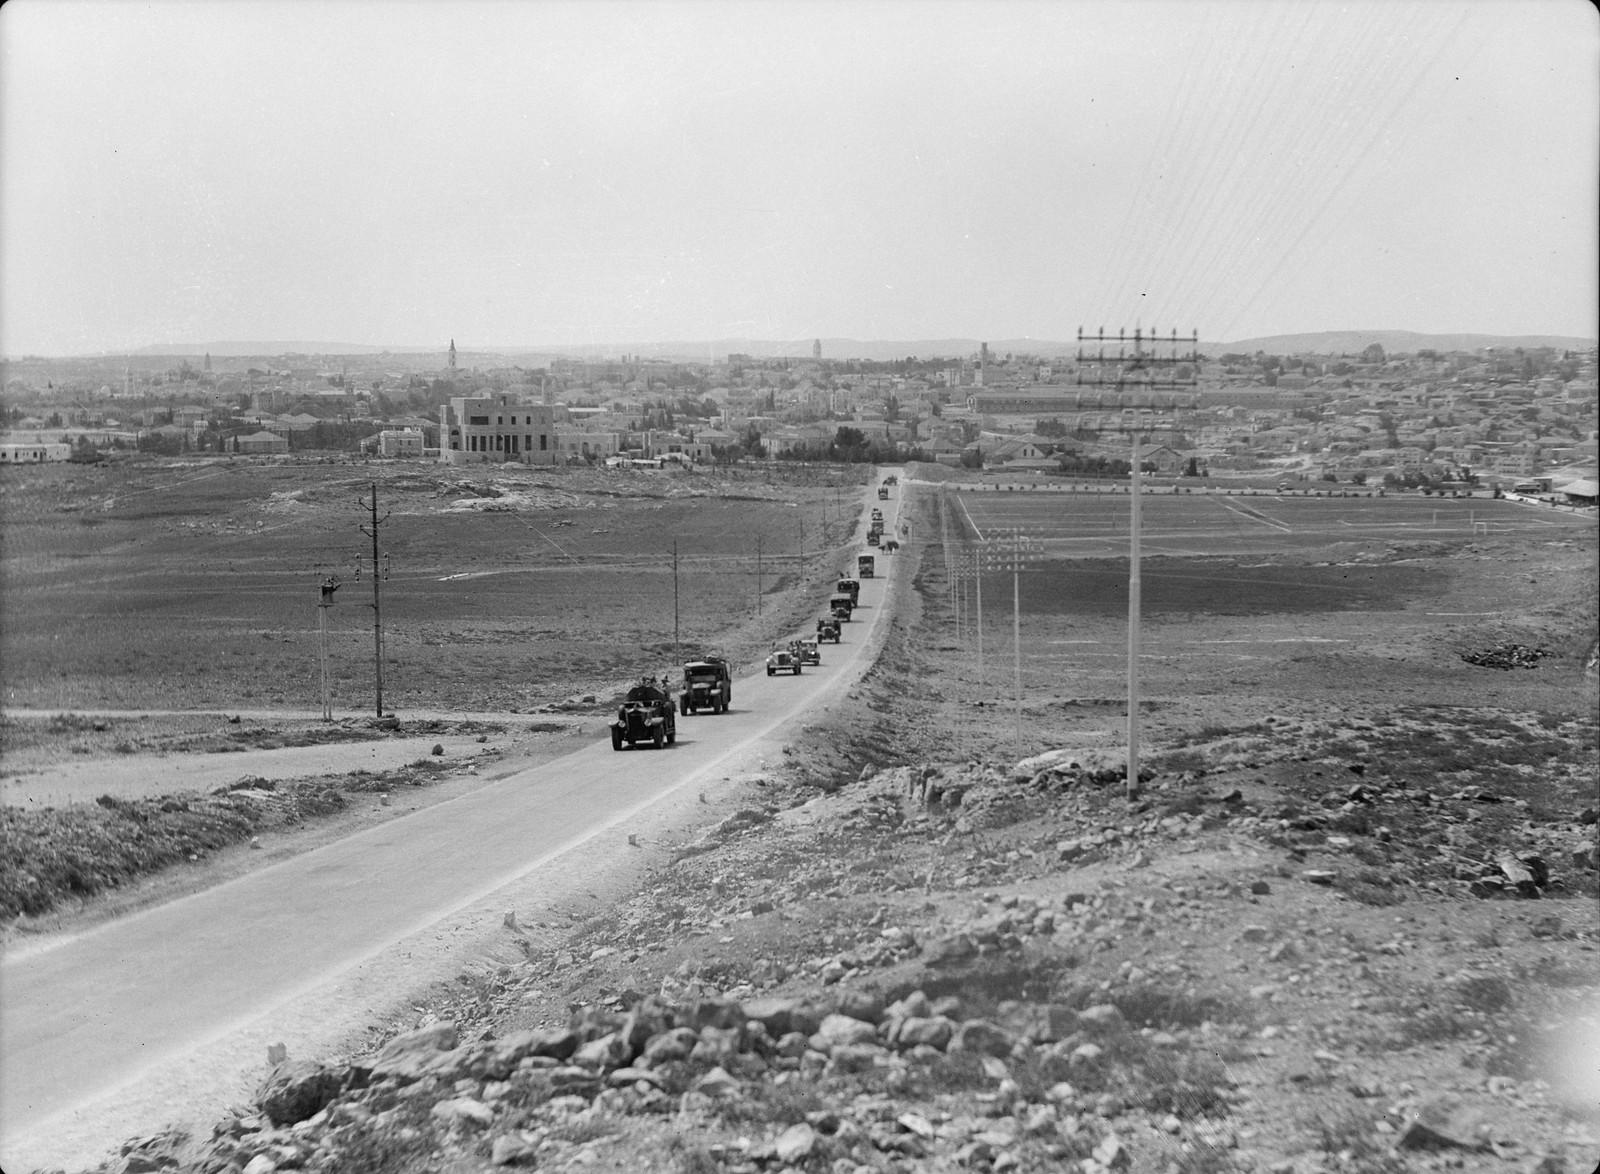 06. Ежедневно в 10.30 конвой Иерусалим-Афула отправляется на север